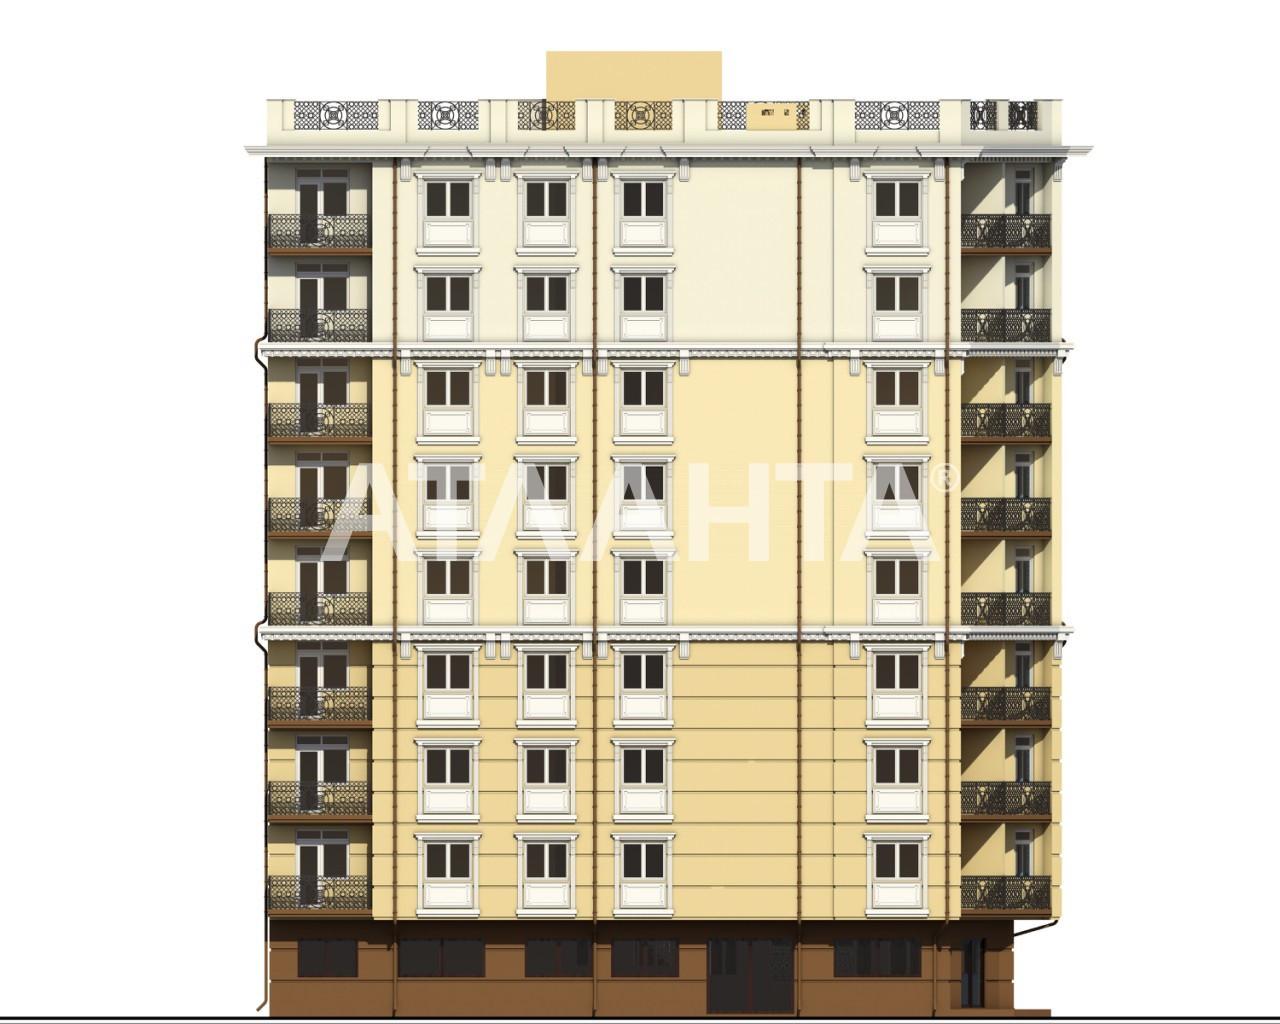 Продается 1-комнатная Квартира на ул. Новосельского (Островидова) — 45 770 у.е. (фото №3)